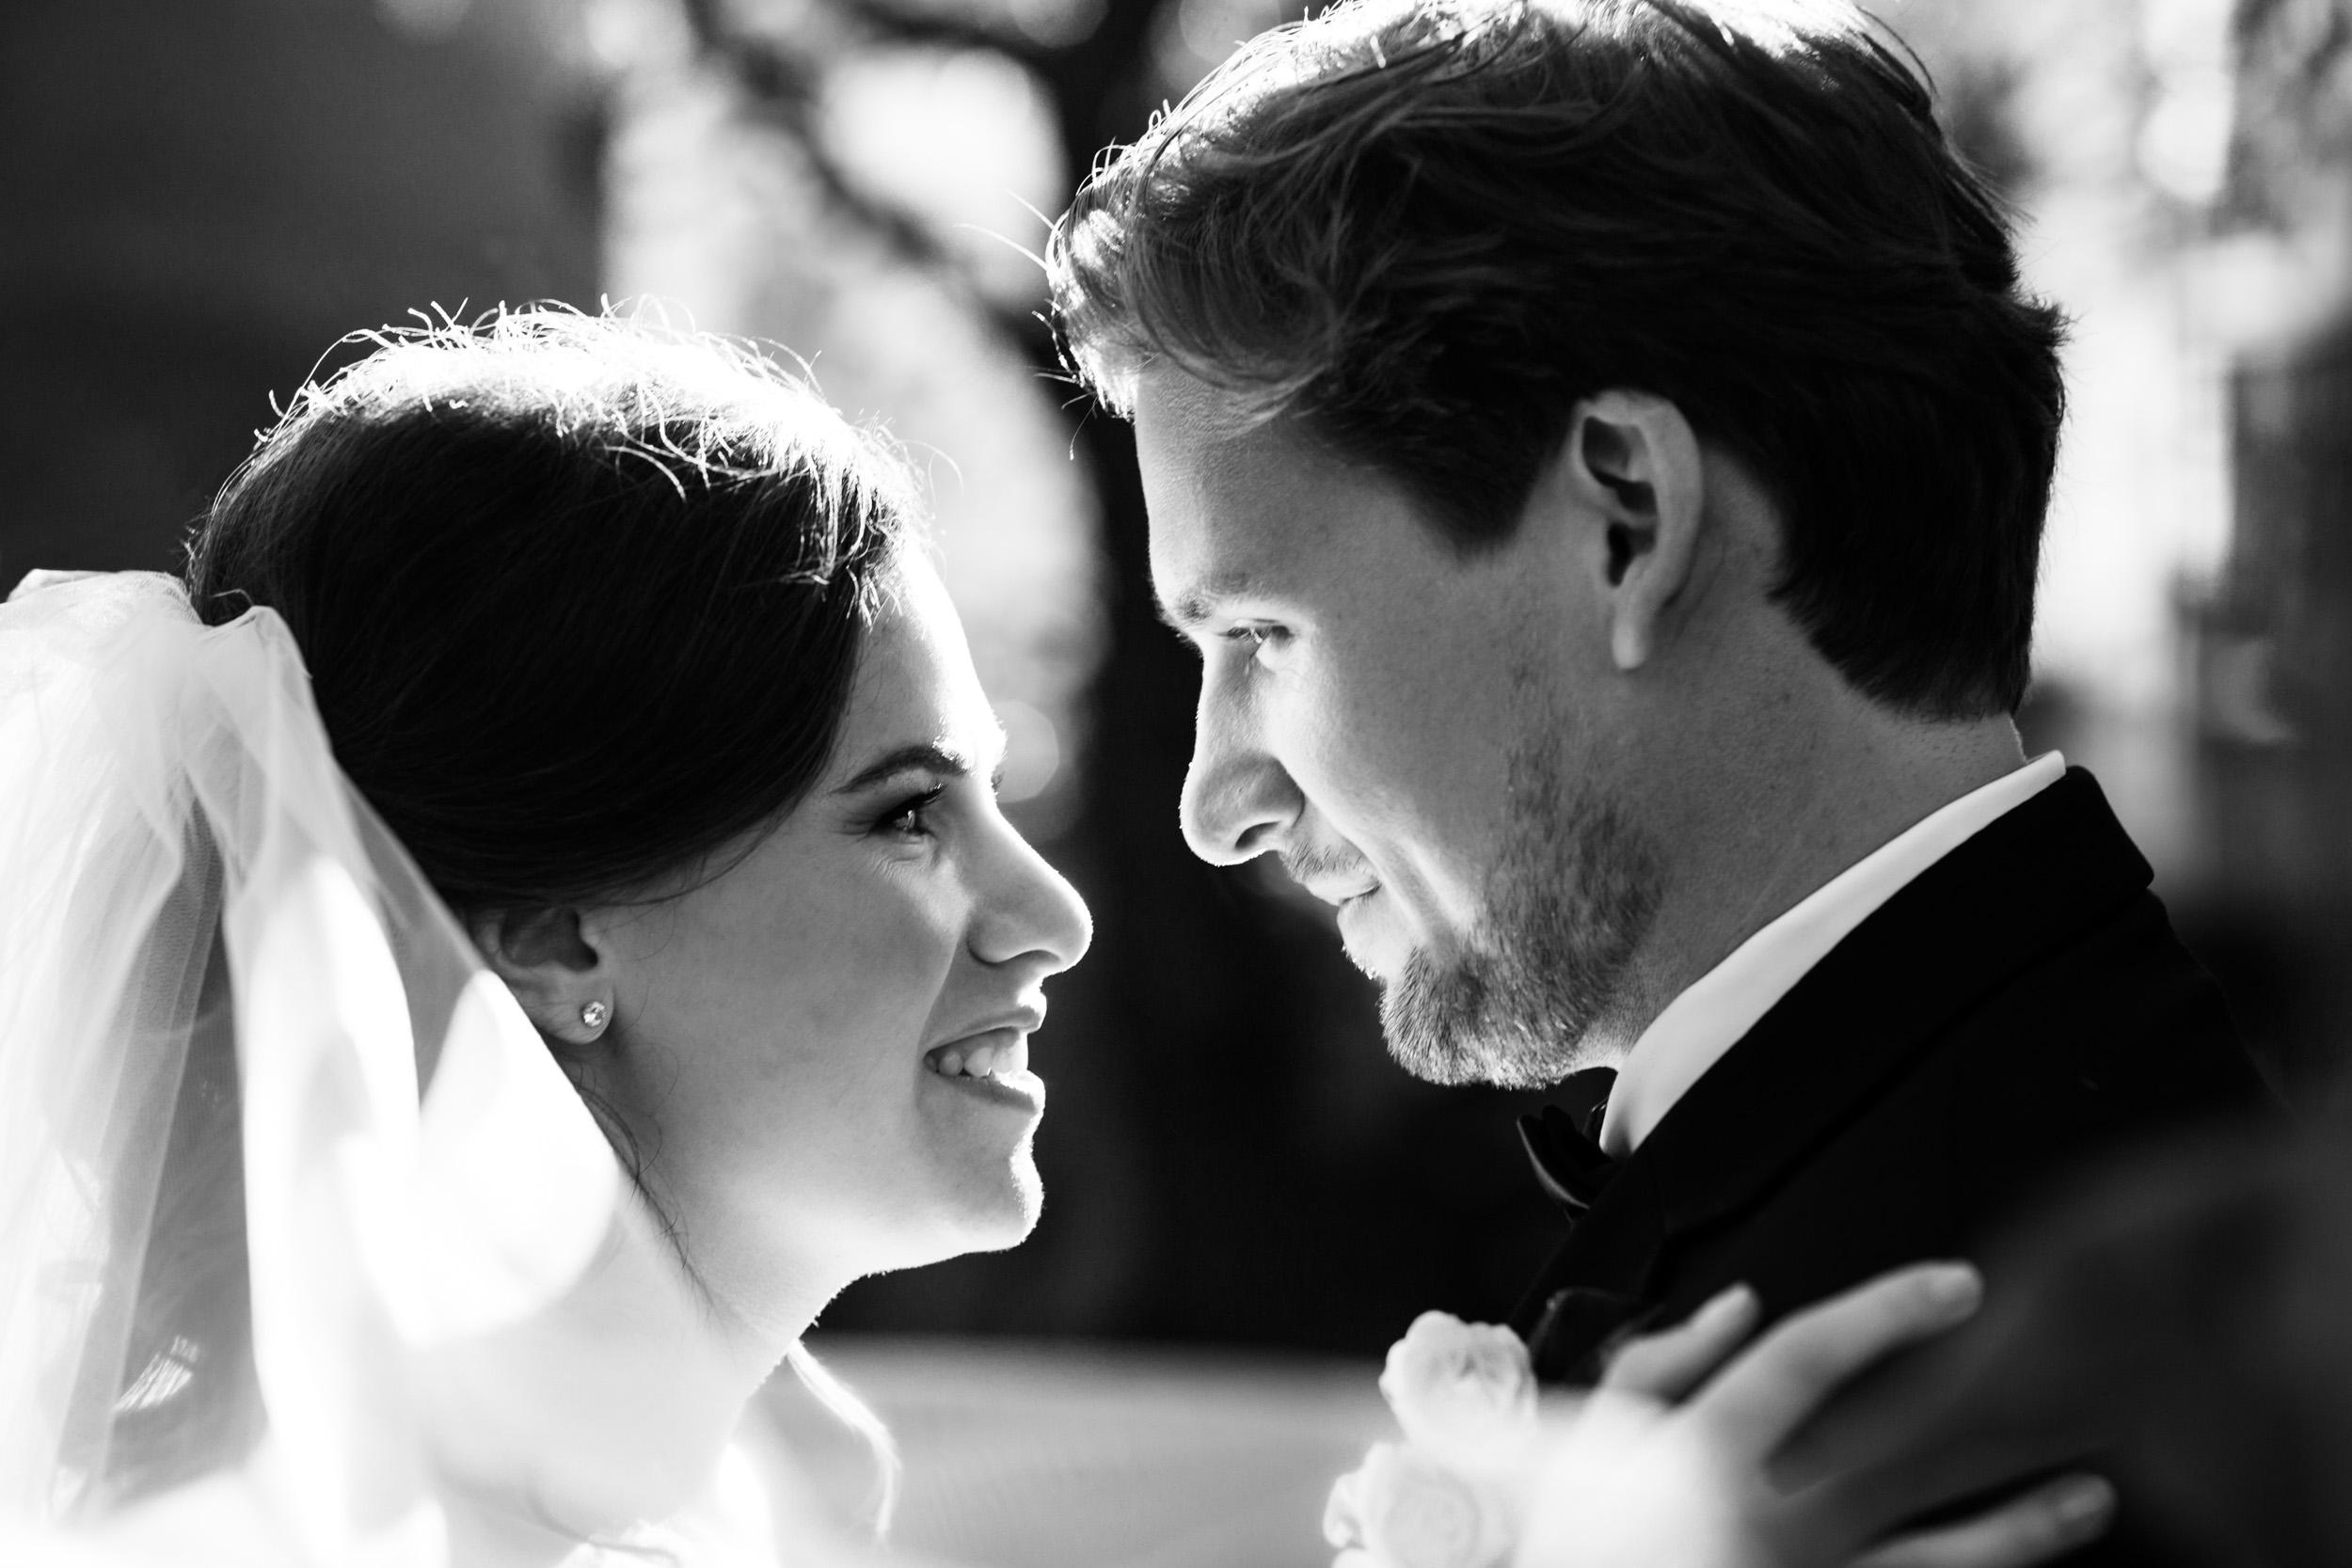 chicago-wedding-photos-studio-this-is-jack-schroeder-29.jpg